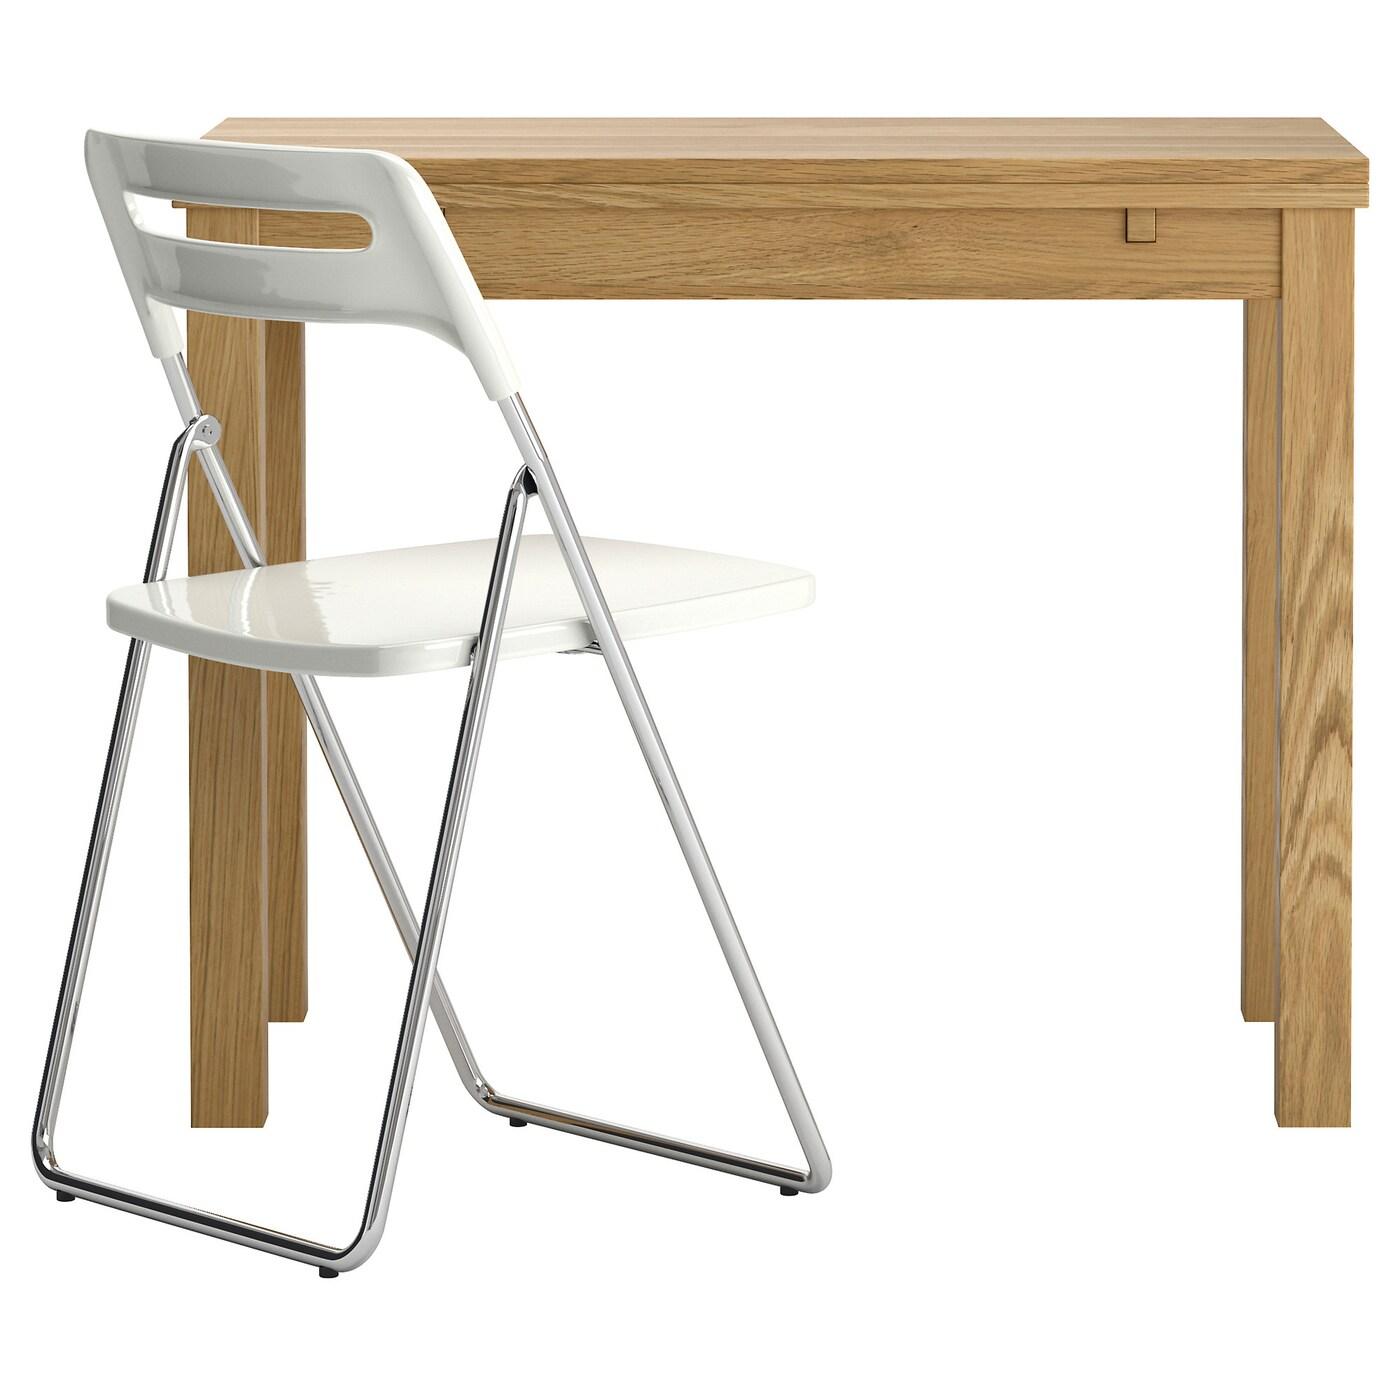 IKEA BJURSTA stół rozkładany w okleinie dębowej z białym krzesłem NISSE, rozmiar blatu 50/70/90x90 cm